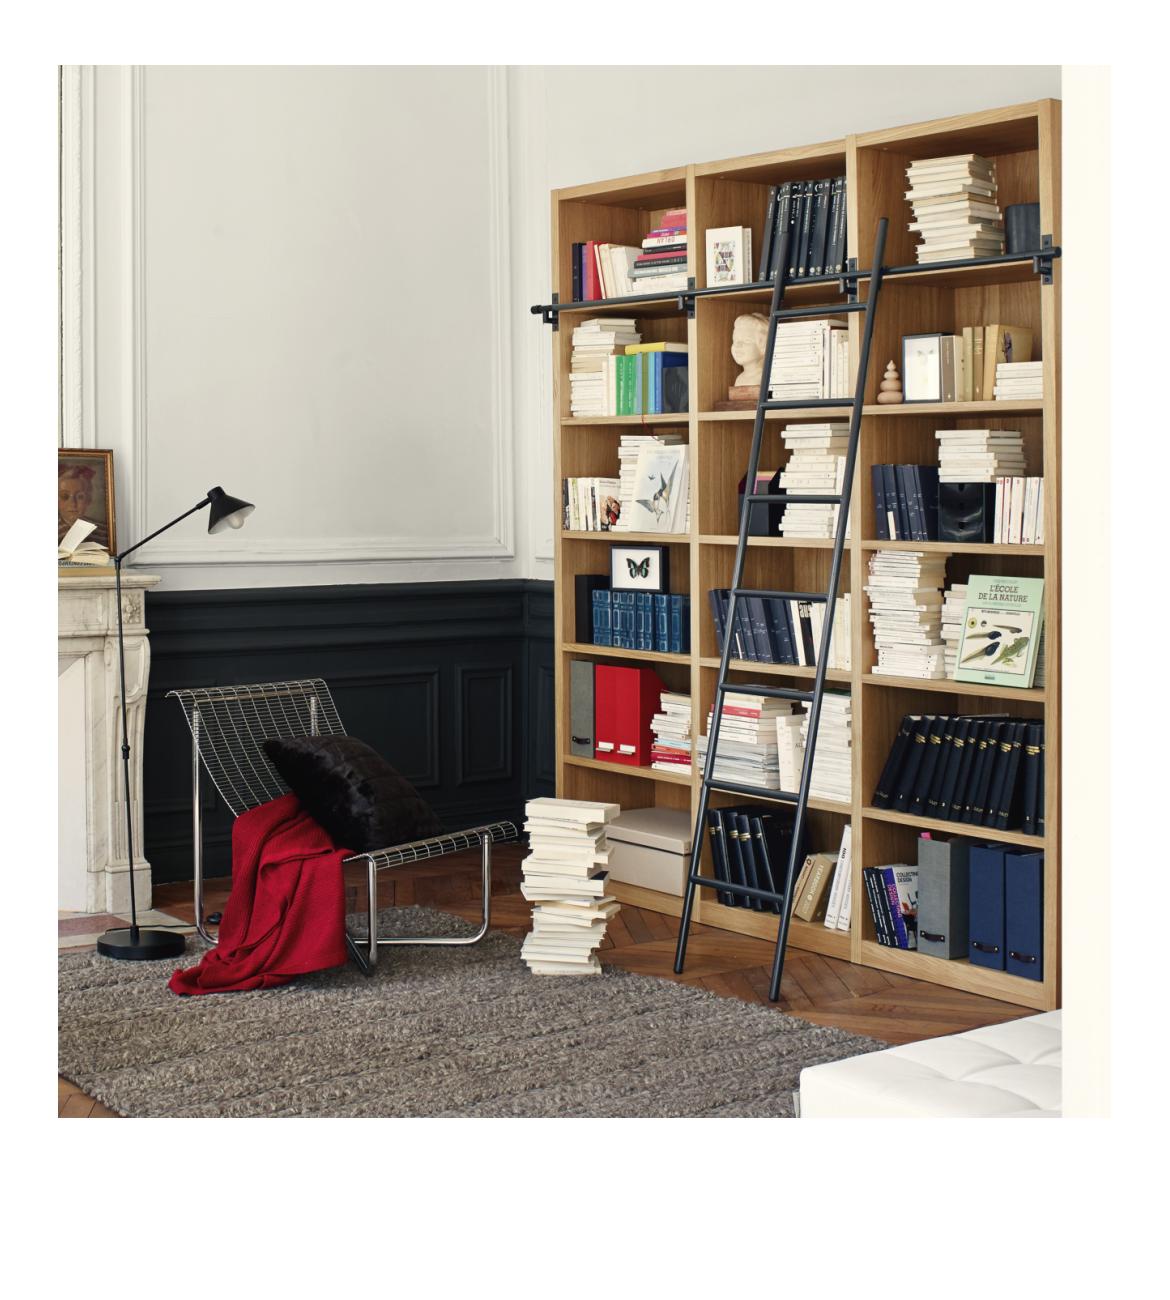 Camus Ii Biblioth Que En Bois Avec Son Chelle Habitat Huis  # Habitat Meuble De Tele